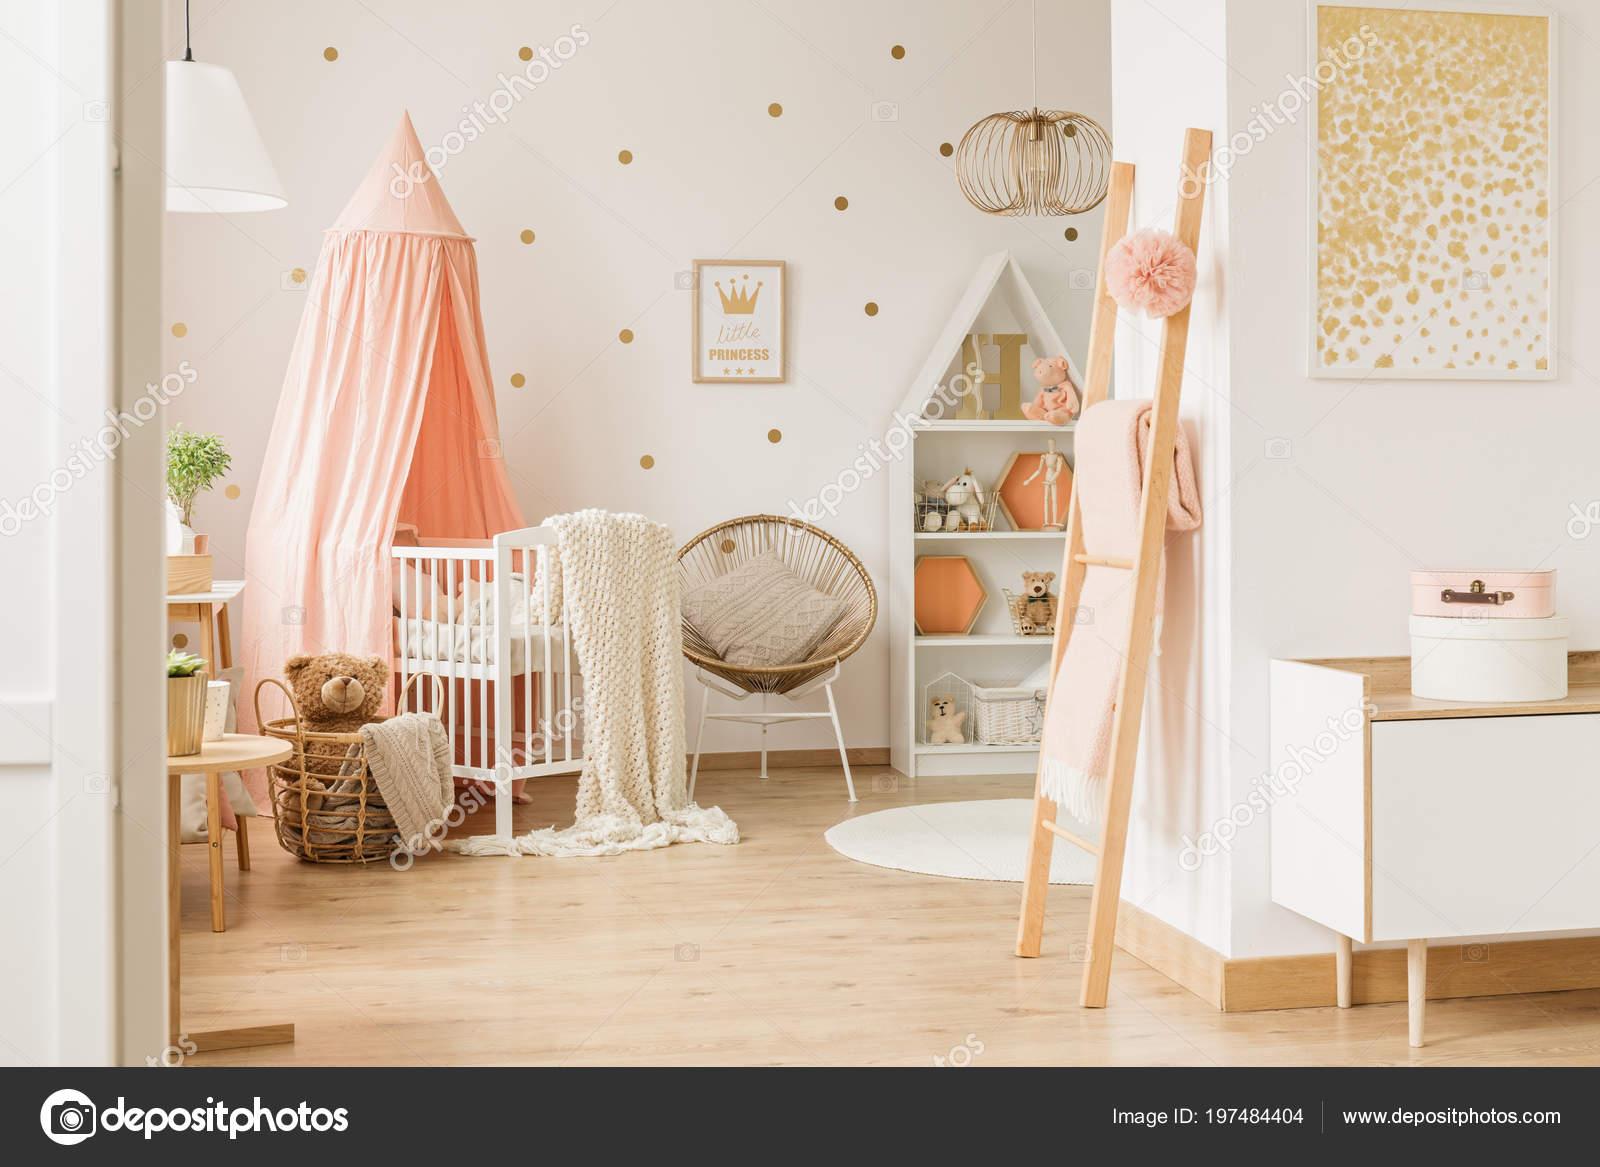 Holzleiter deko schlafzimmer schlafzimmer ideen m bel tapeten vlies baby ab wann kopfkissen - Weihnachtlich dekorieren ab wann ...